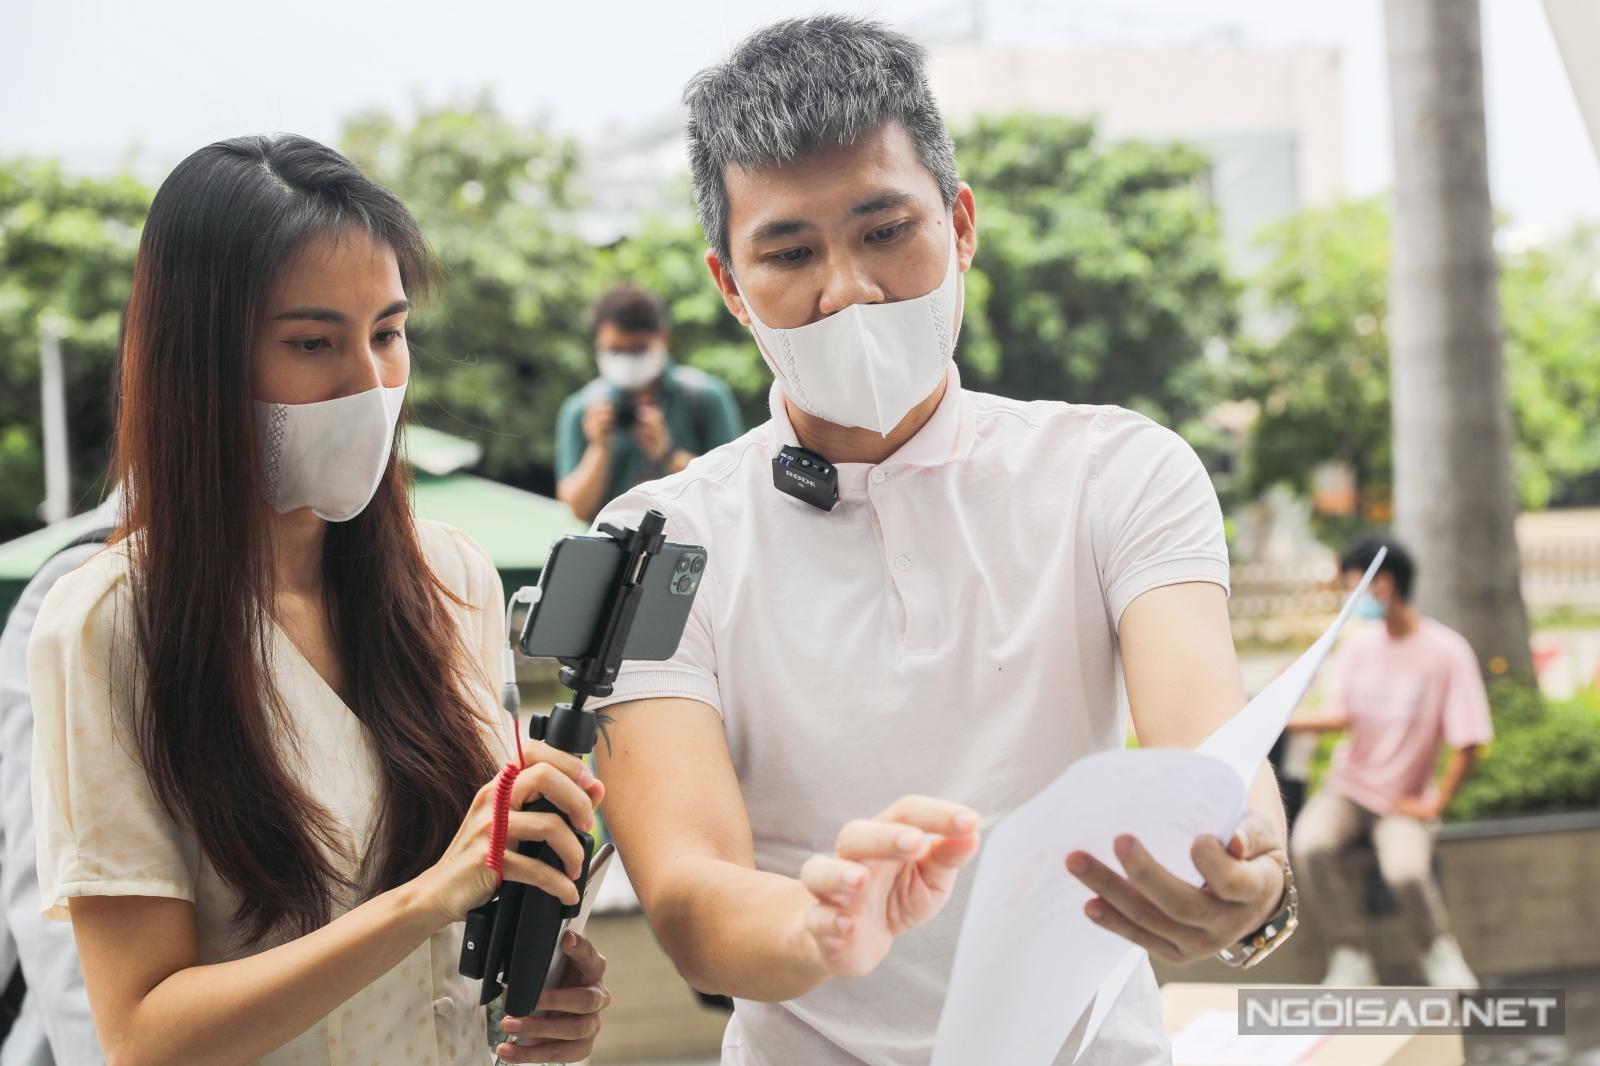 Vợ chồng Thủy Tiên làm rõ các vấn đề khúc mắc liên quan tiền từ thiện. Ảnh: Trần Quỳnh